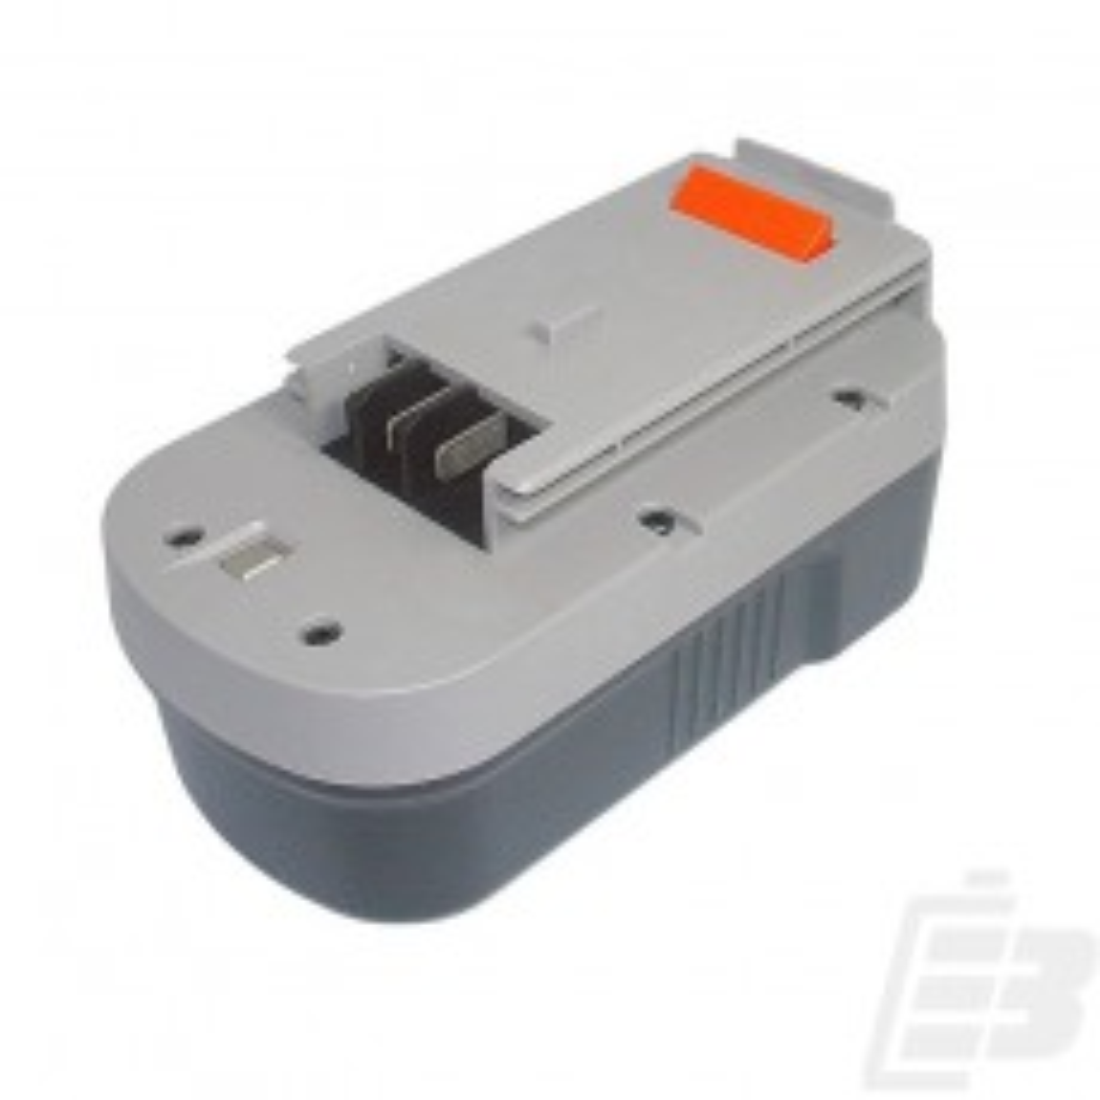 Μπαταρία ηλεκτρικού εργαλείου Black & Decker 18V 3.0Ah Ni_1